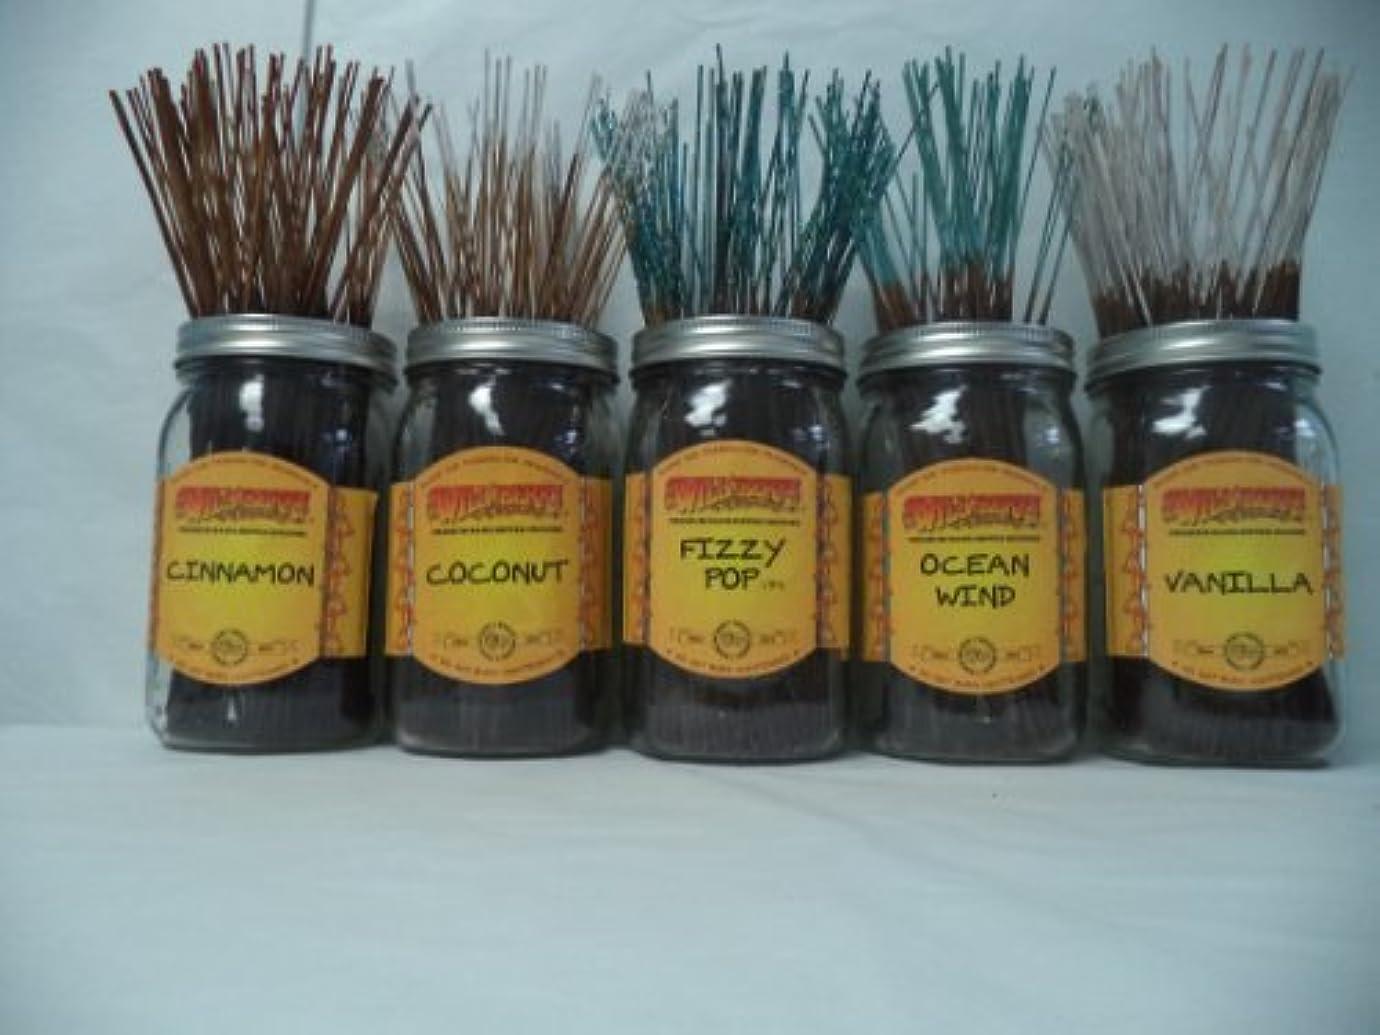 適用済み繕うエキゾチックWildberry Incense Sticks Best Sellerセット# 4 : 10 Sticks各5の香り、合計50 Sticks 。